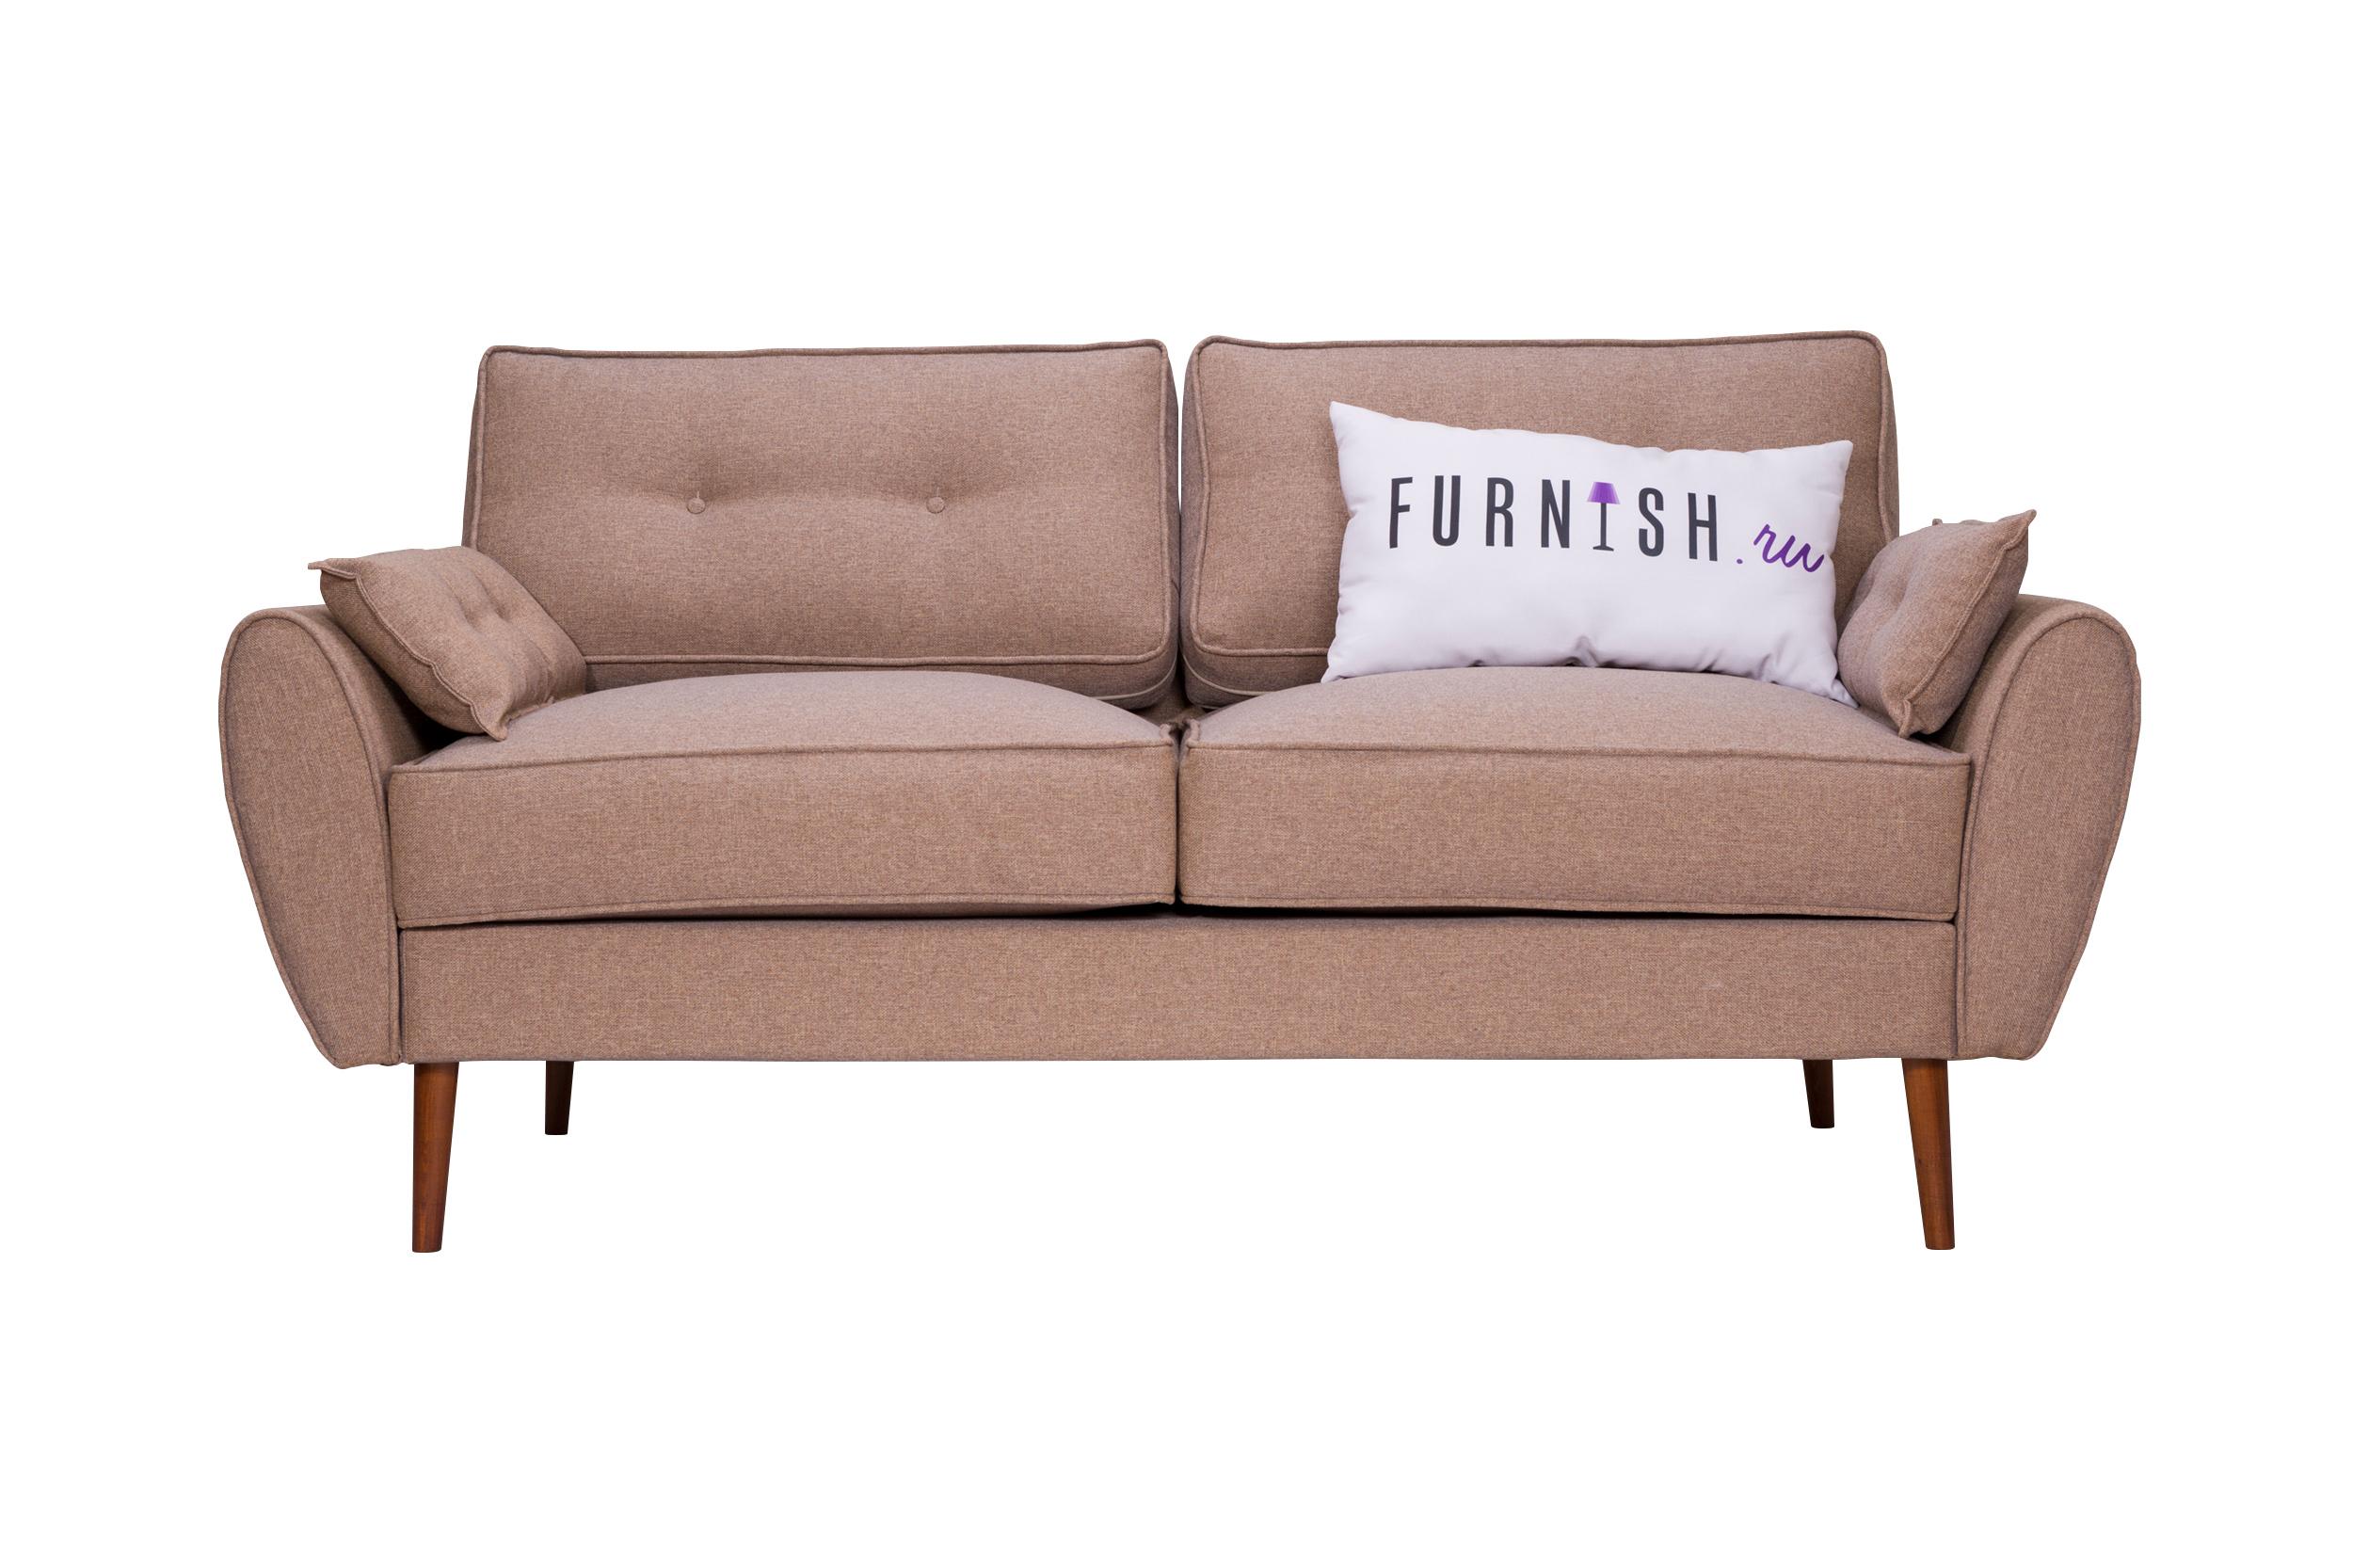 Диван VogueТрехместные диваны<br>&amp;lt;div&amp;gt;Современный диван с легким намеком на &amp;quot;ретро&amp;quot; идеально подойдет для городских квартир.&amp;amp;nbsp;&amp;lt;/div&amp;gt;&amp;lt;div&amp;gt;&amp;lt;br&amp;gt;&amp;lt;/div&amp;gt;&amp;lt;div&amp;gt;У него скругленные подлокотники, упругие подушки и как раз та длина, чтобы вы могли вытянуться в полный рост. &amp;amp;nbsp;Но благодаря высоким ножкам &amp;quot;Vogue&amp;quot; выглядит лаконично и элегантно.&amp;amp;nbsp;&amp;lt;/div&amp;gt;&amp;lt;div&amp;gt;&amp;lt;br&amp;gt;&amp;lt;/div&amp;gt;&amp;lt;div&amp;gt;Специально для этой серии наши стилисты подобрали 10 модных оттенков практичной рогожки.&amp;amp;nbsp;&amp;lt;/div&amp;gt;&amp;lt;div&amp;gt;&amp;lt;br&amp;gt;&amp;lt;/div&amp;gt;Корпус: фанера, брус. Ножки: дерево.&amp;lt;div&amp;gt;Ткань: рогожка, устойчивая к повреждениям&amp;lt;br&amp;gt;&amp;lt;div&amp;gt;Цвет: Этника Плейн 02&amp;lt;/div&amp;gt;&amp;lt;/div&amp;gt;<br><br>Material: Текстиль